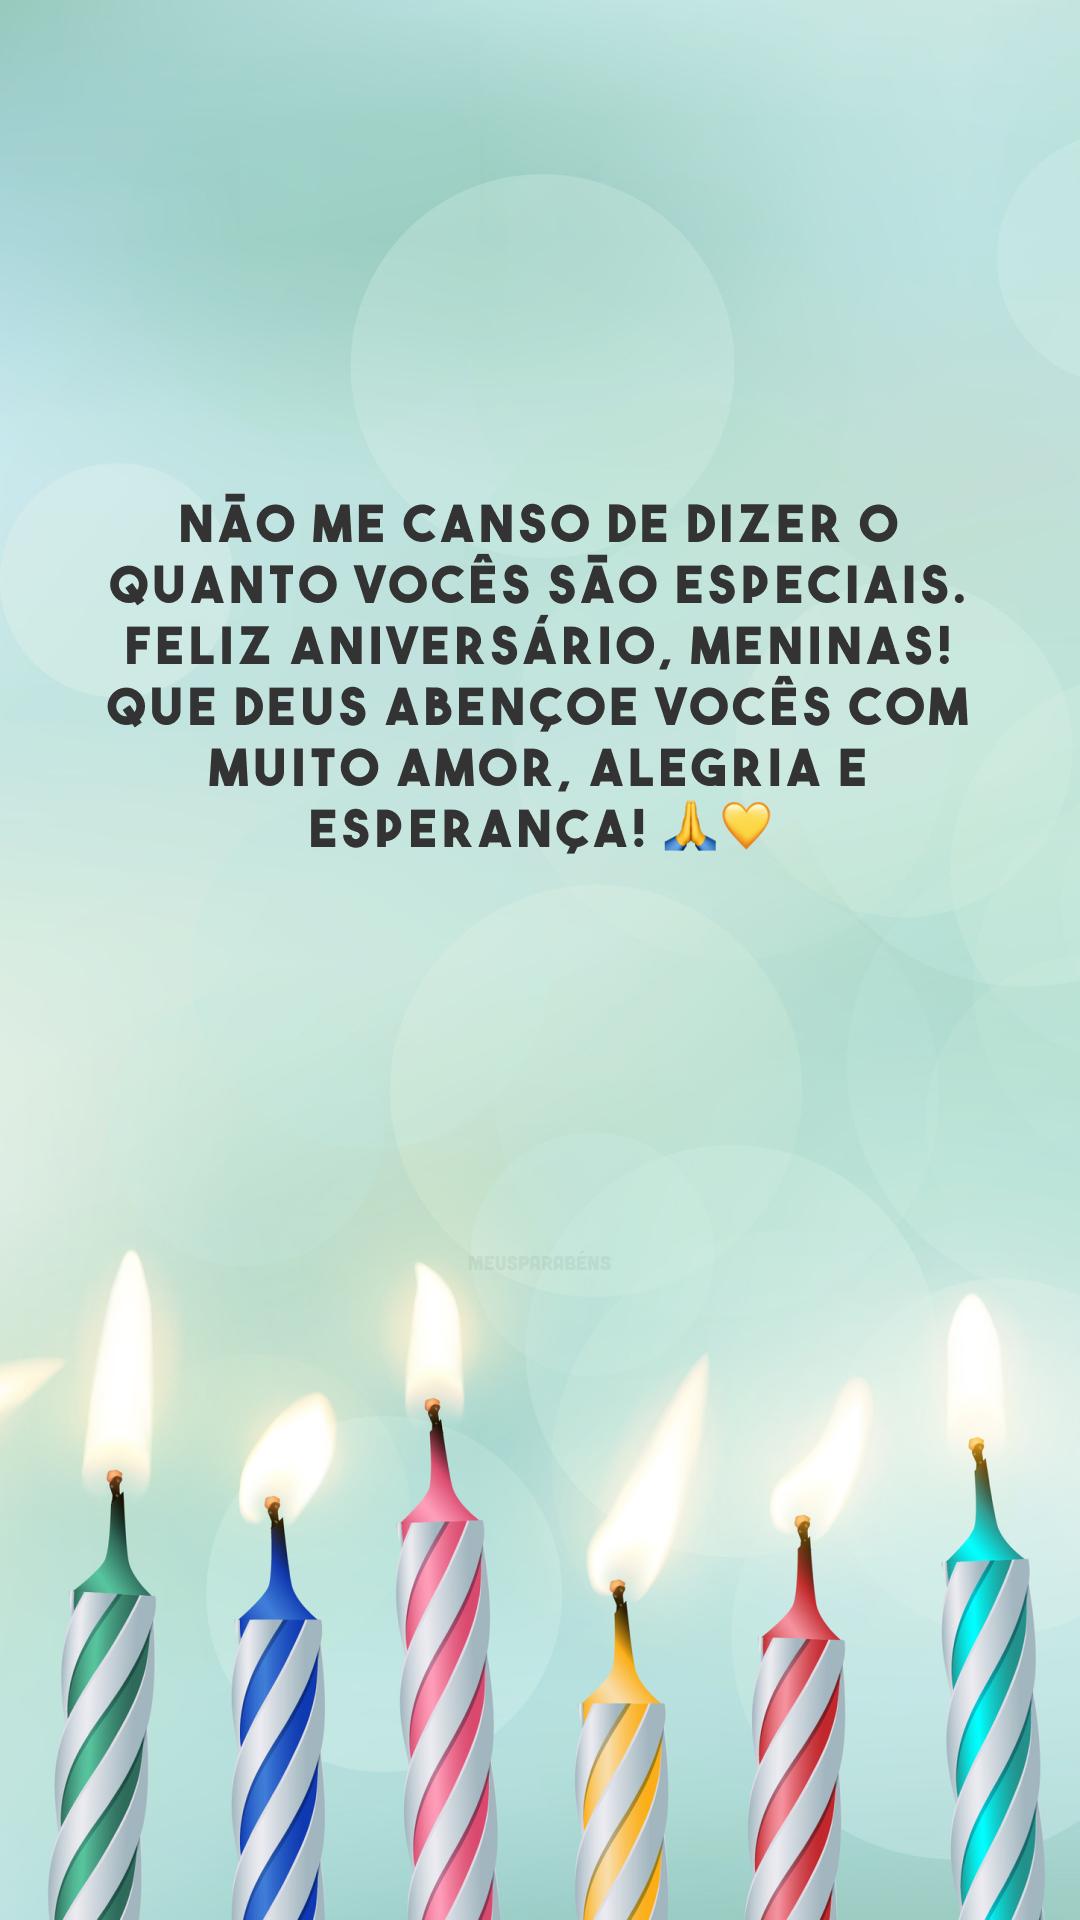 Não me canso de dizer o quanto vocês são especiais. Feliz aniversário, meninas! Que Deus abençoe vocês com muito amor, alegria e esperança! 🙏💛